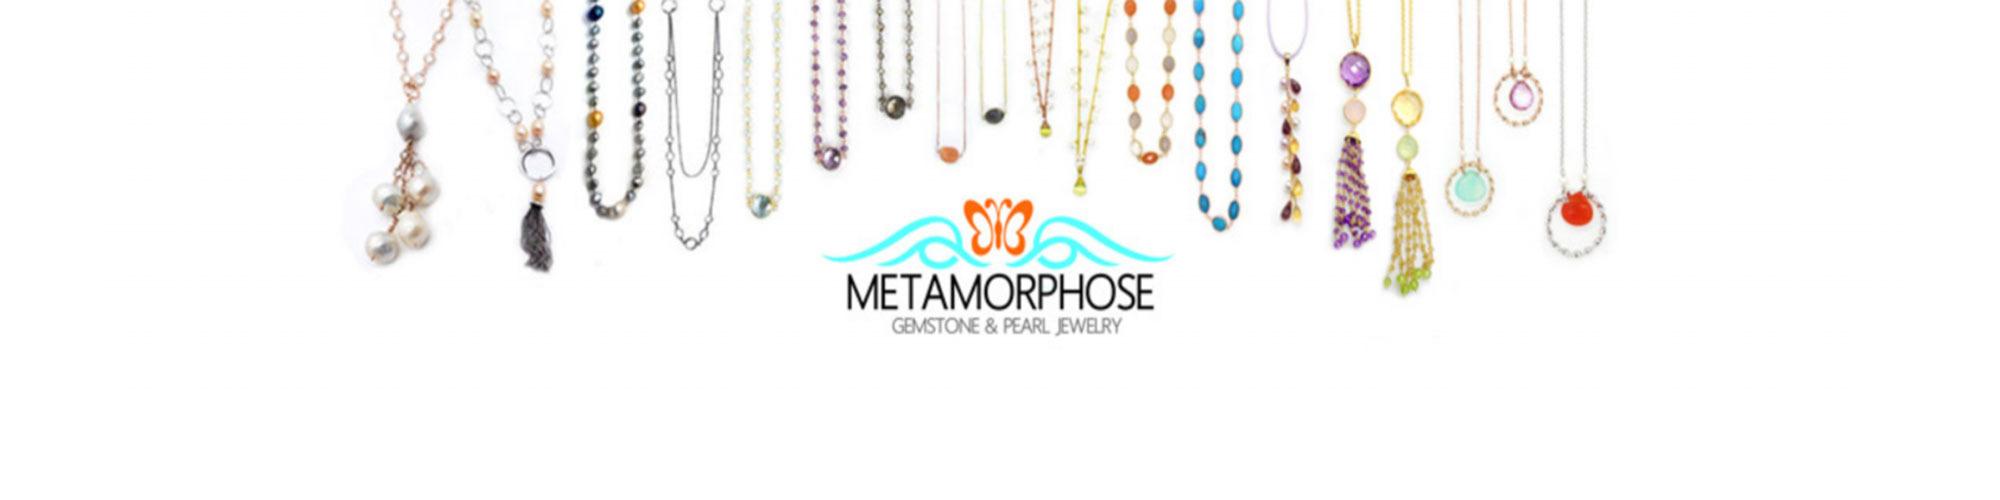 Metamorphose Jewelry